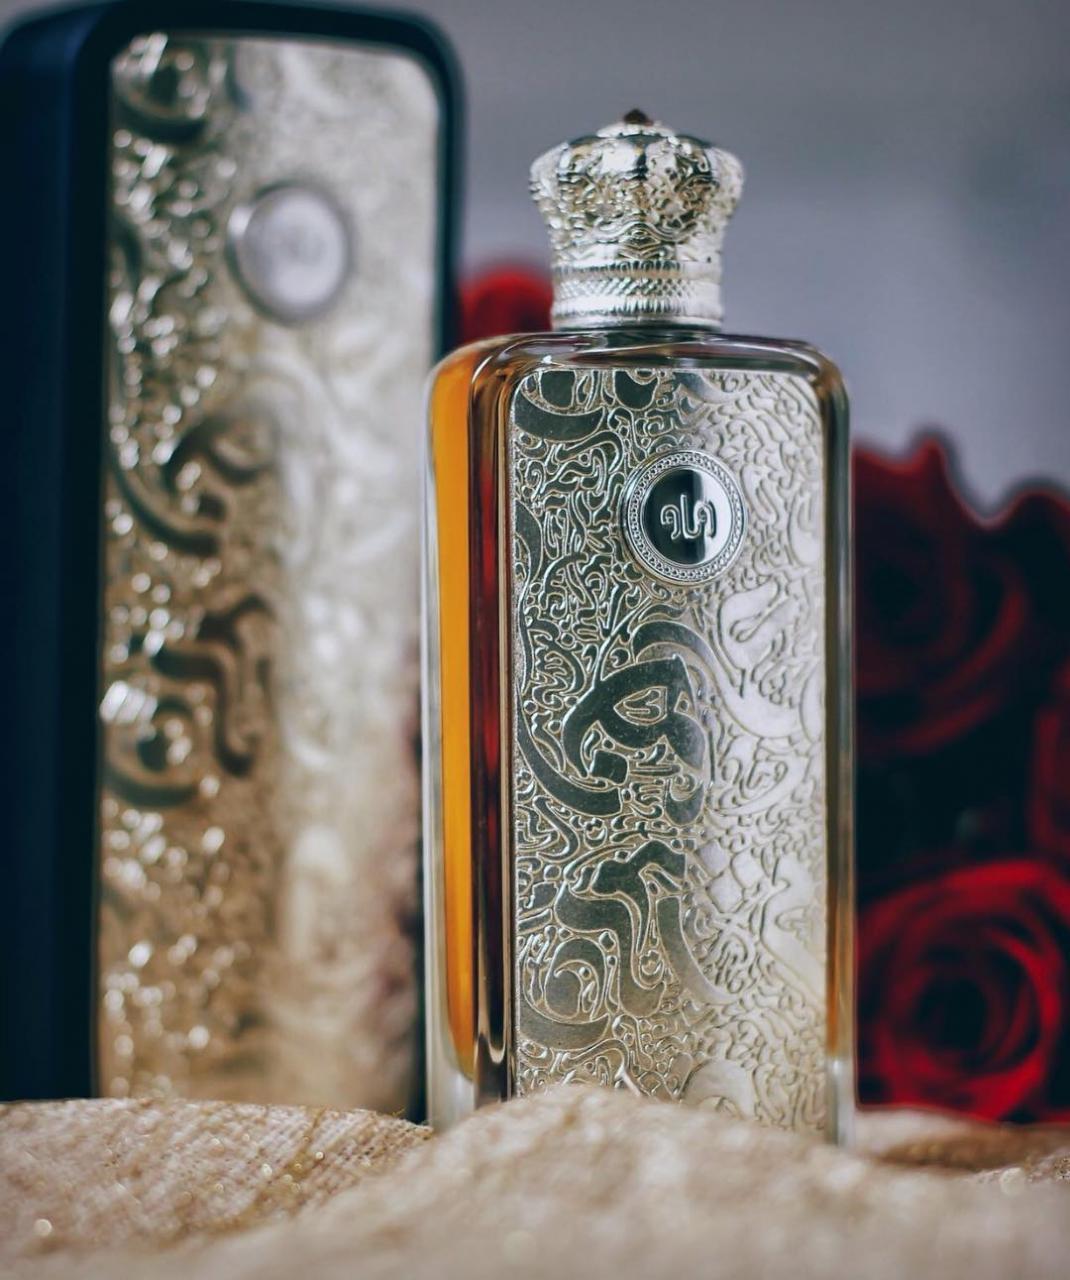 صورة تعرف على طرق ابقاء رائحتك الجميلة لأطول فترة ممكنة,عطور دار الطيب 274 9